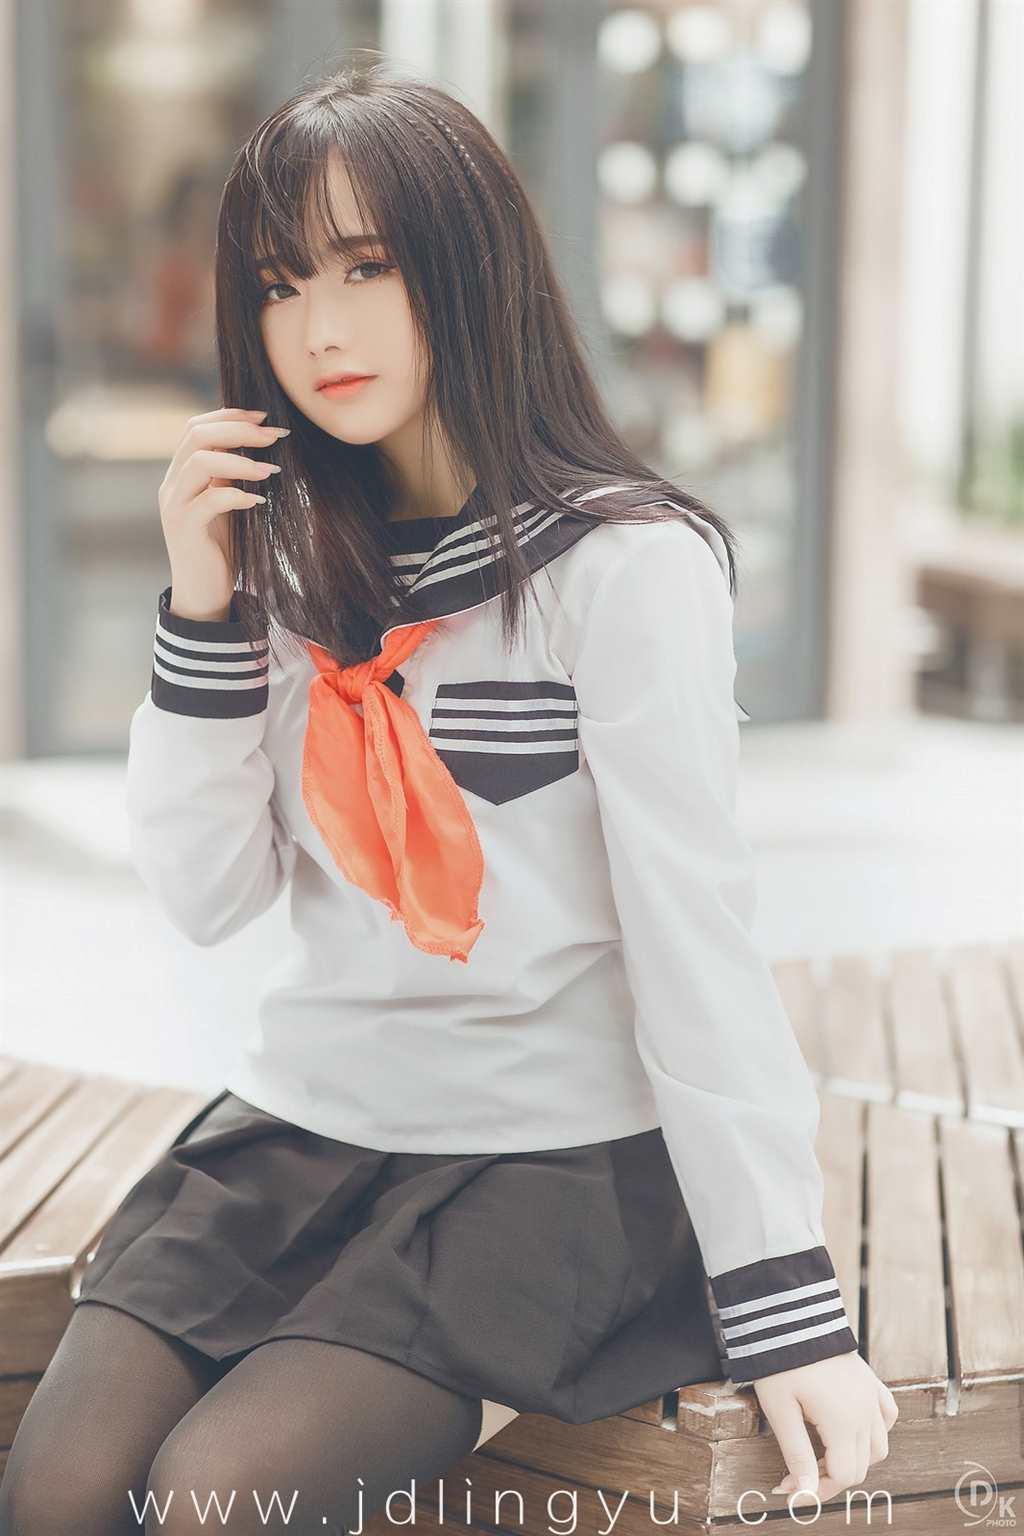 jk制服少女·一百七十一期(点击浏览下一张趣图)